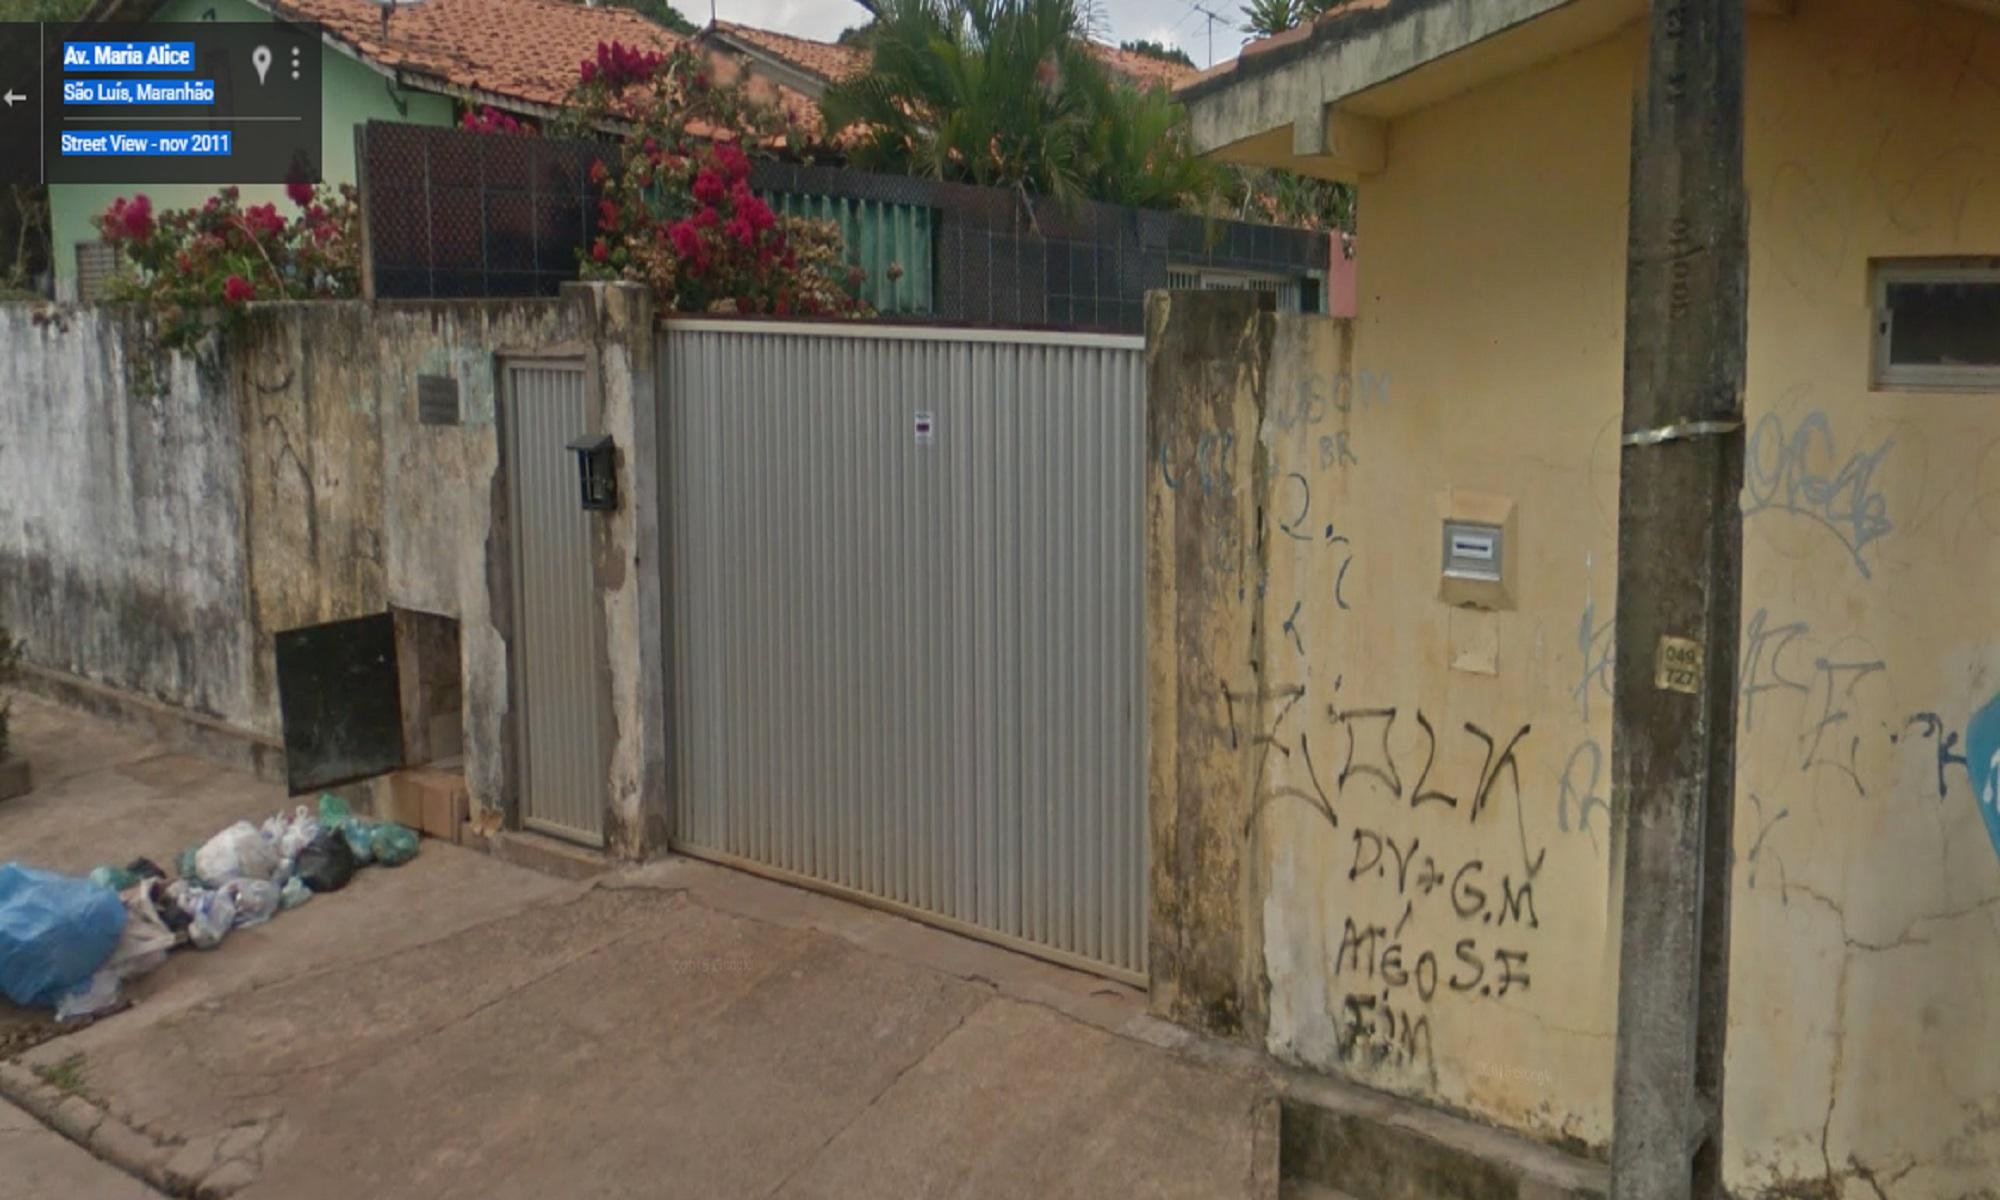 Casa em que o prefeito carrinho morava antes de ser prefeito, avaliada em 40 mil reais